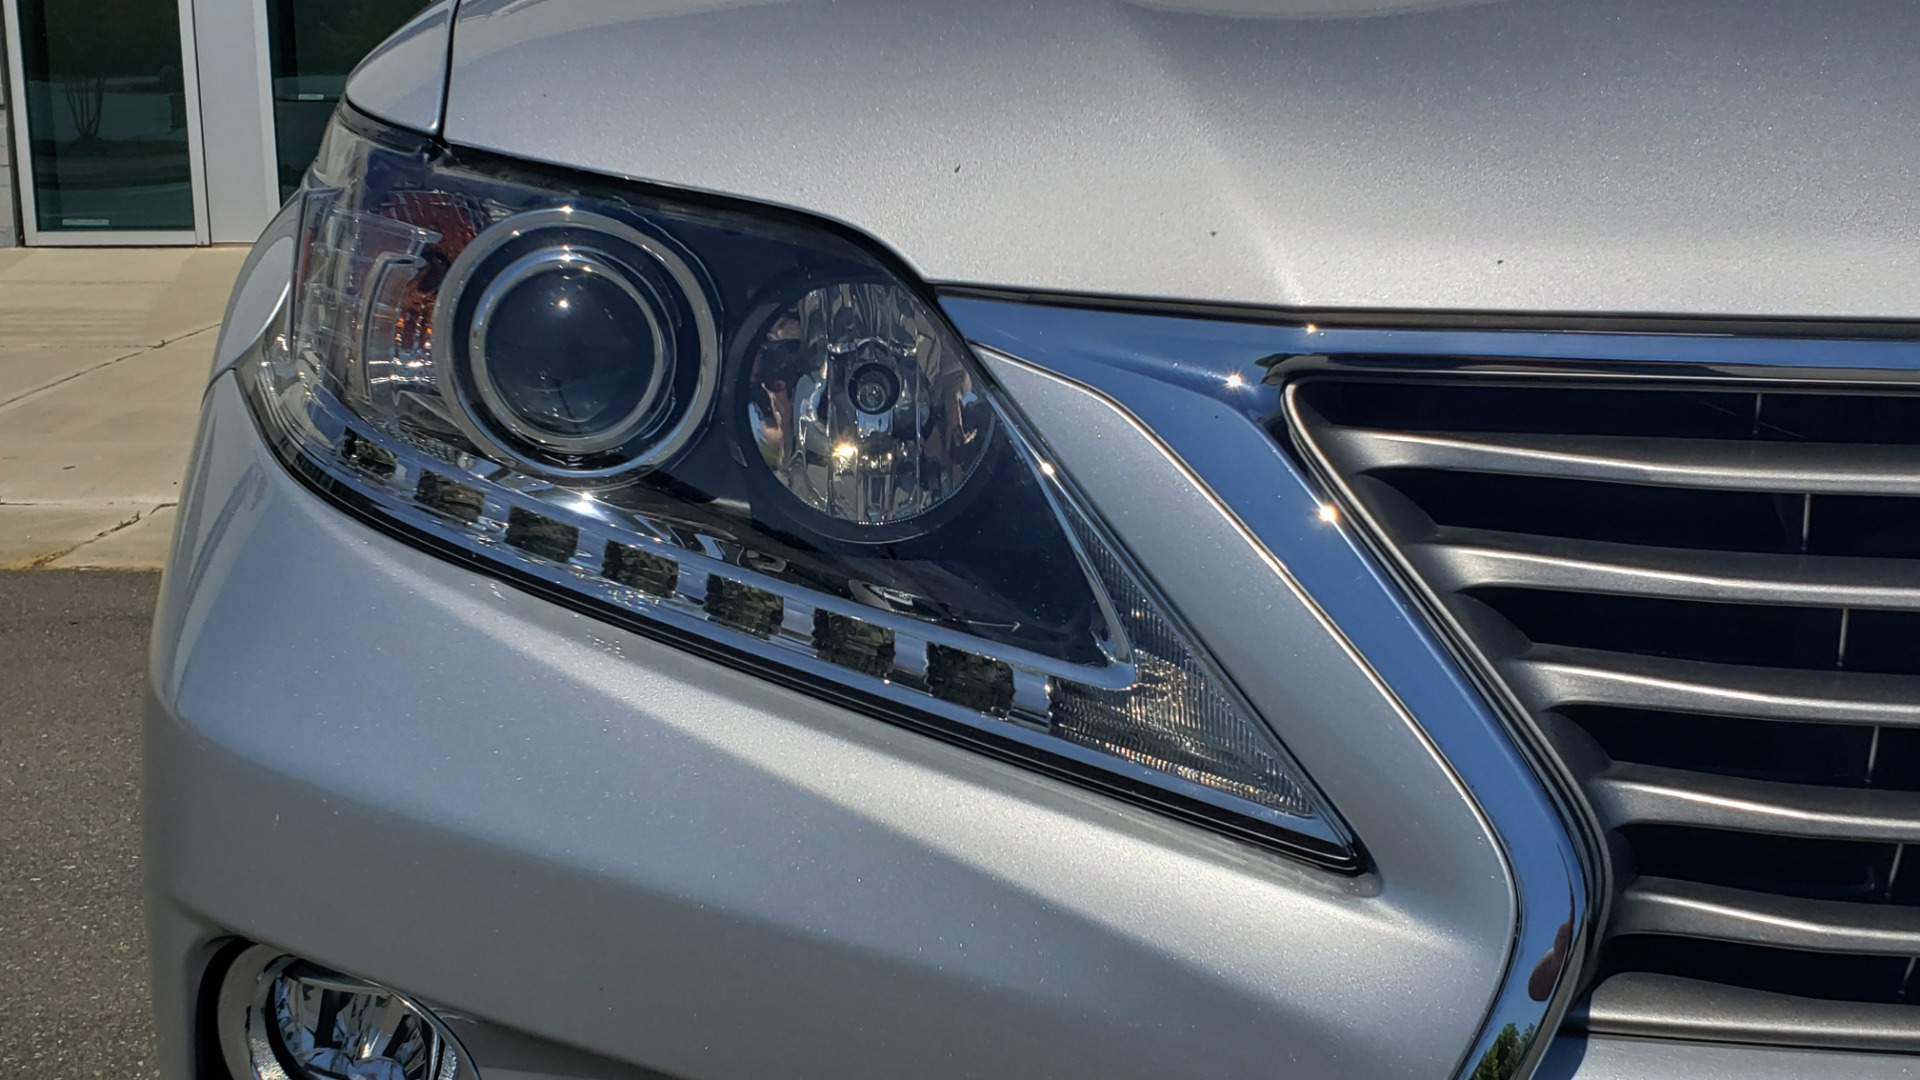 Used 2015 Lexus RX 450H AWD / PREM PKG / NAV / PARK ASST / HUD / BLIND SPOT MONITOR for sale Sold at Formula Imports in Charlotte NC 28227 23